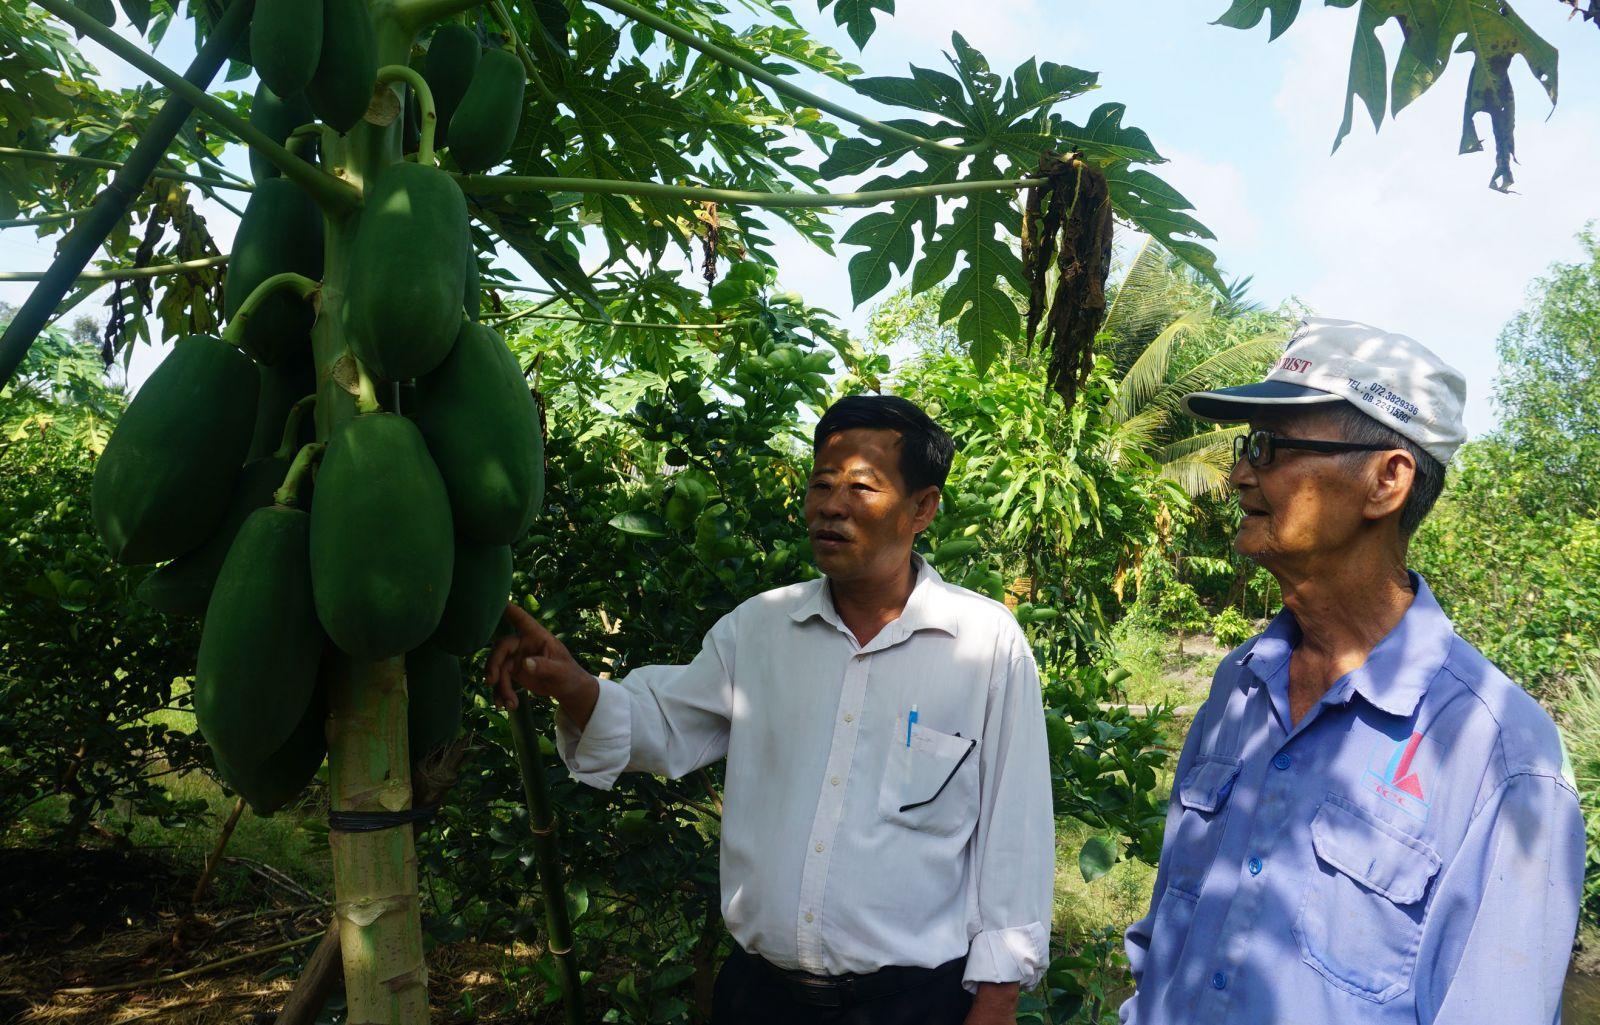 Long An: Hé lộ bí quyết trồng chanh xen canh đu đủ, cây nào cũng đeo đầy trái, nhiều người thích xem - Ảnh 1.